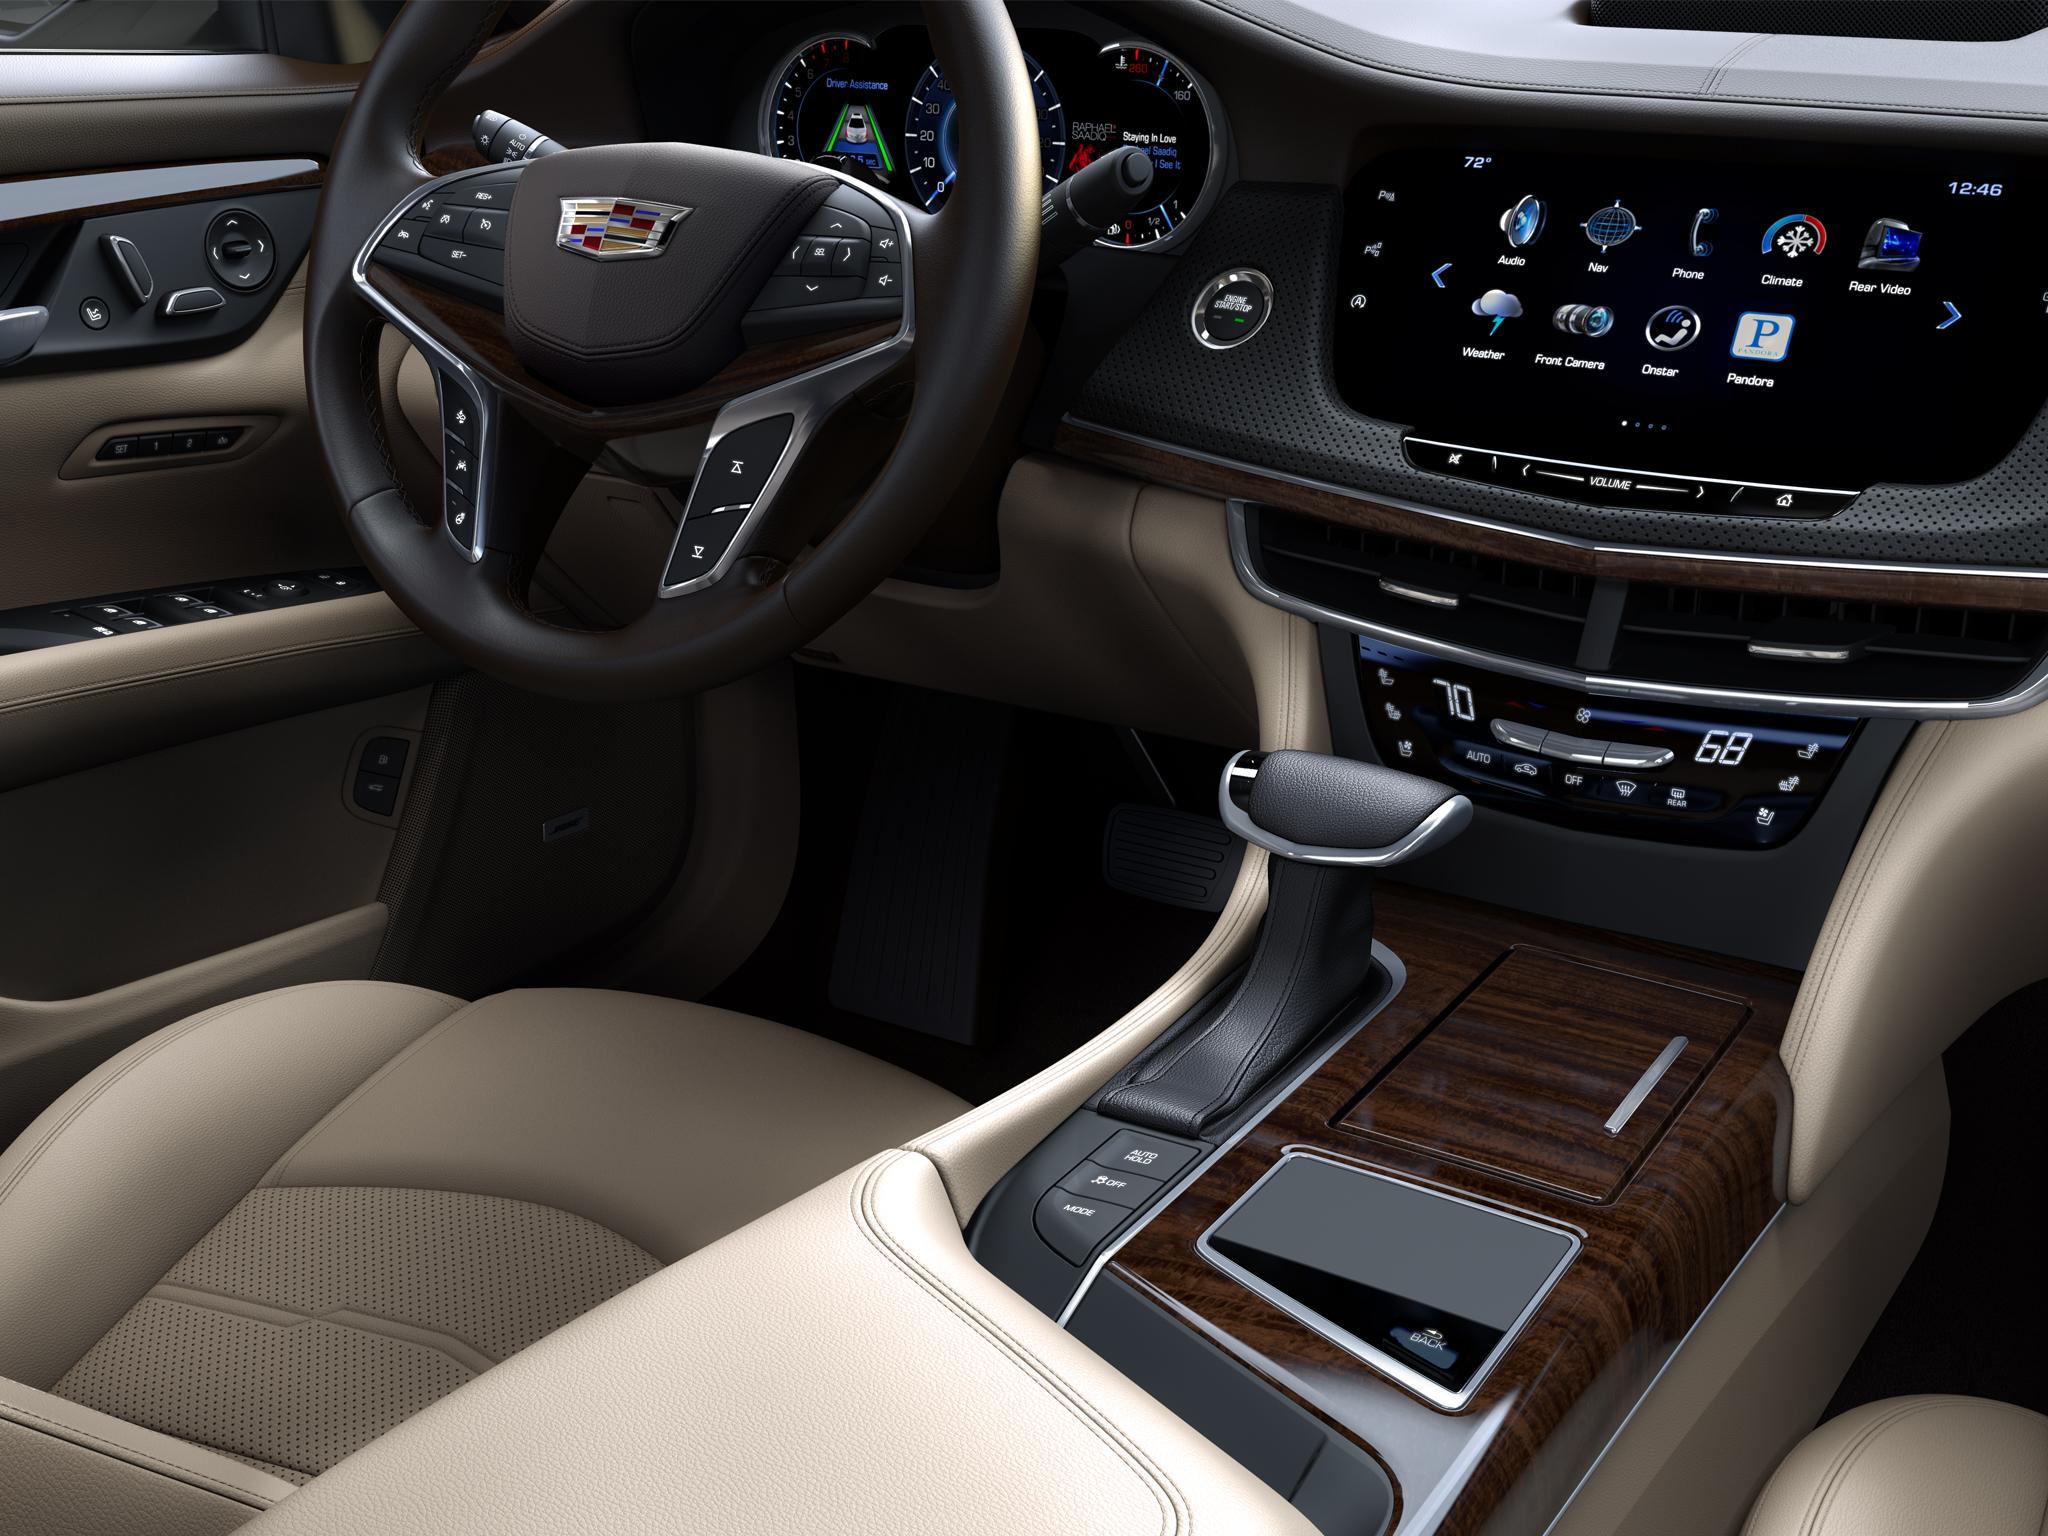 2016 Cadillac CT6 PHEV interior